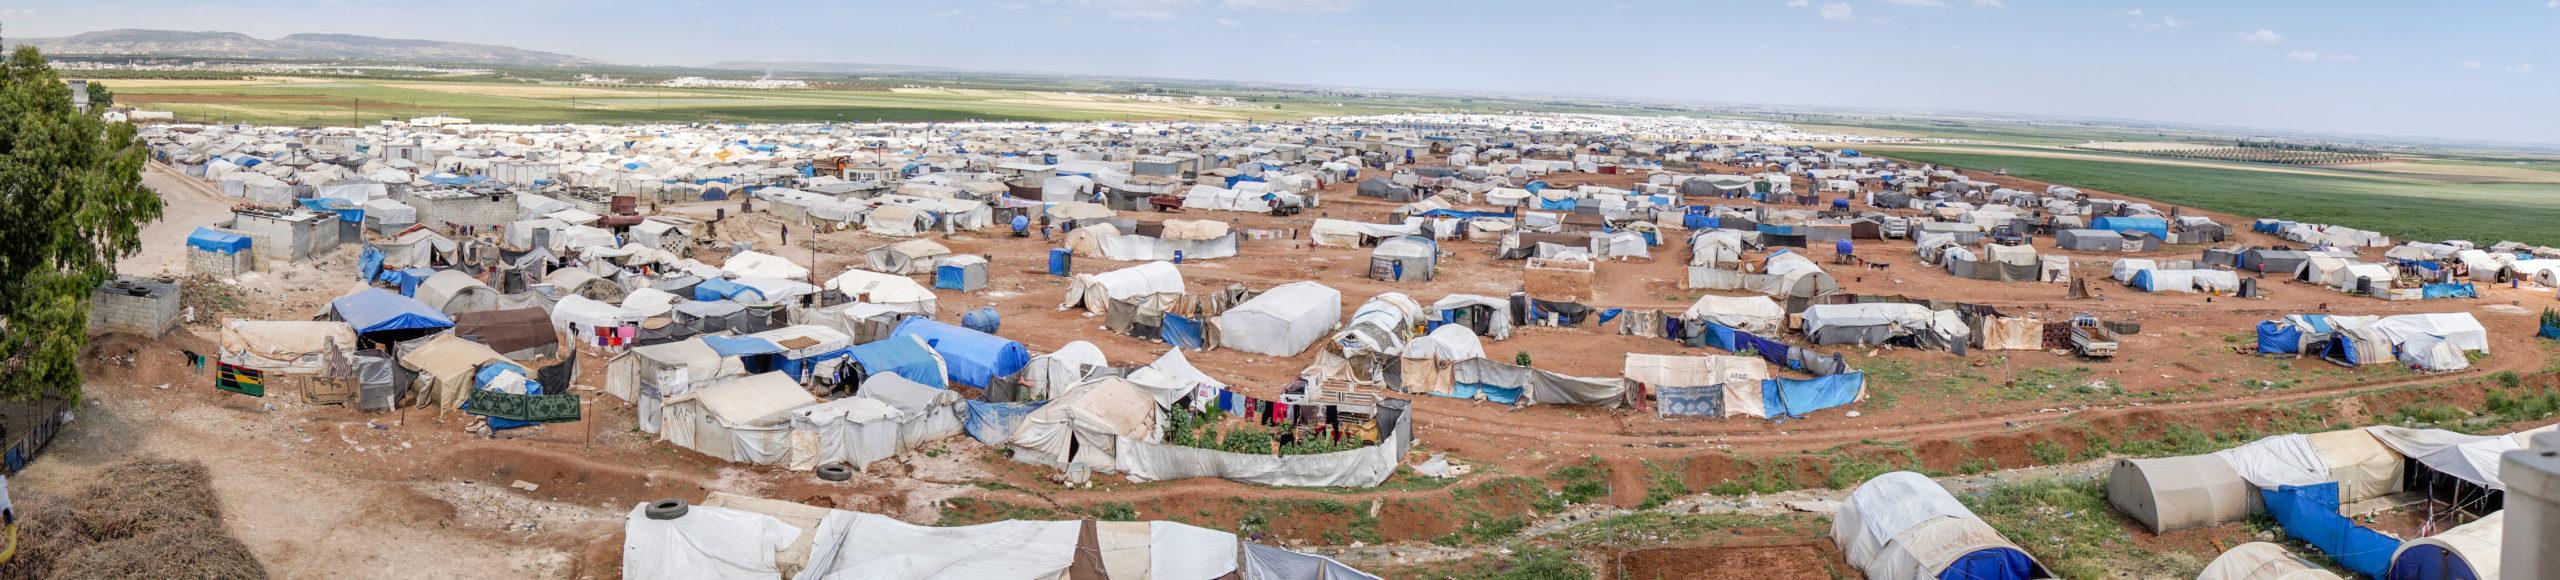 Refugee Camp Header Coronavirus